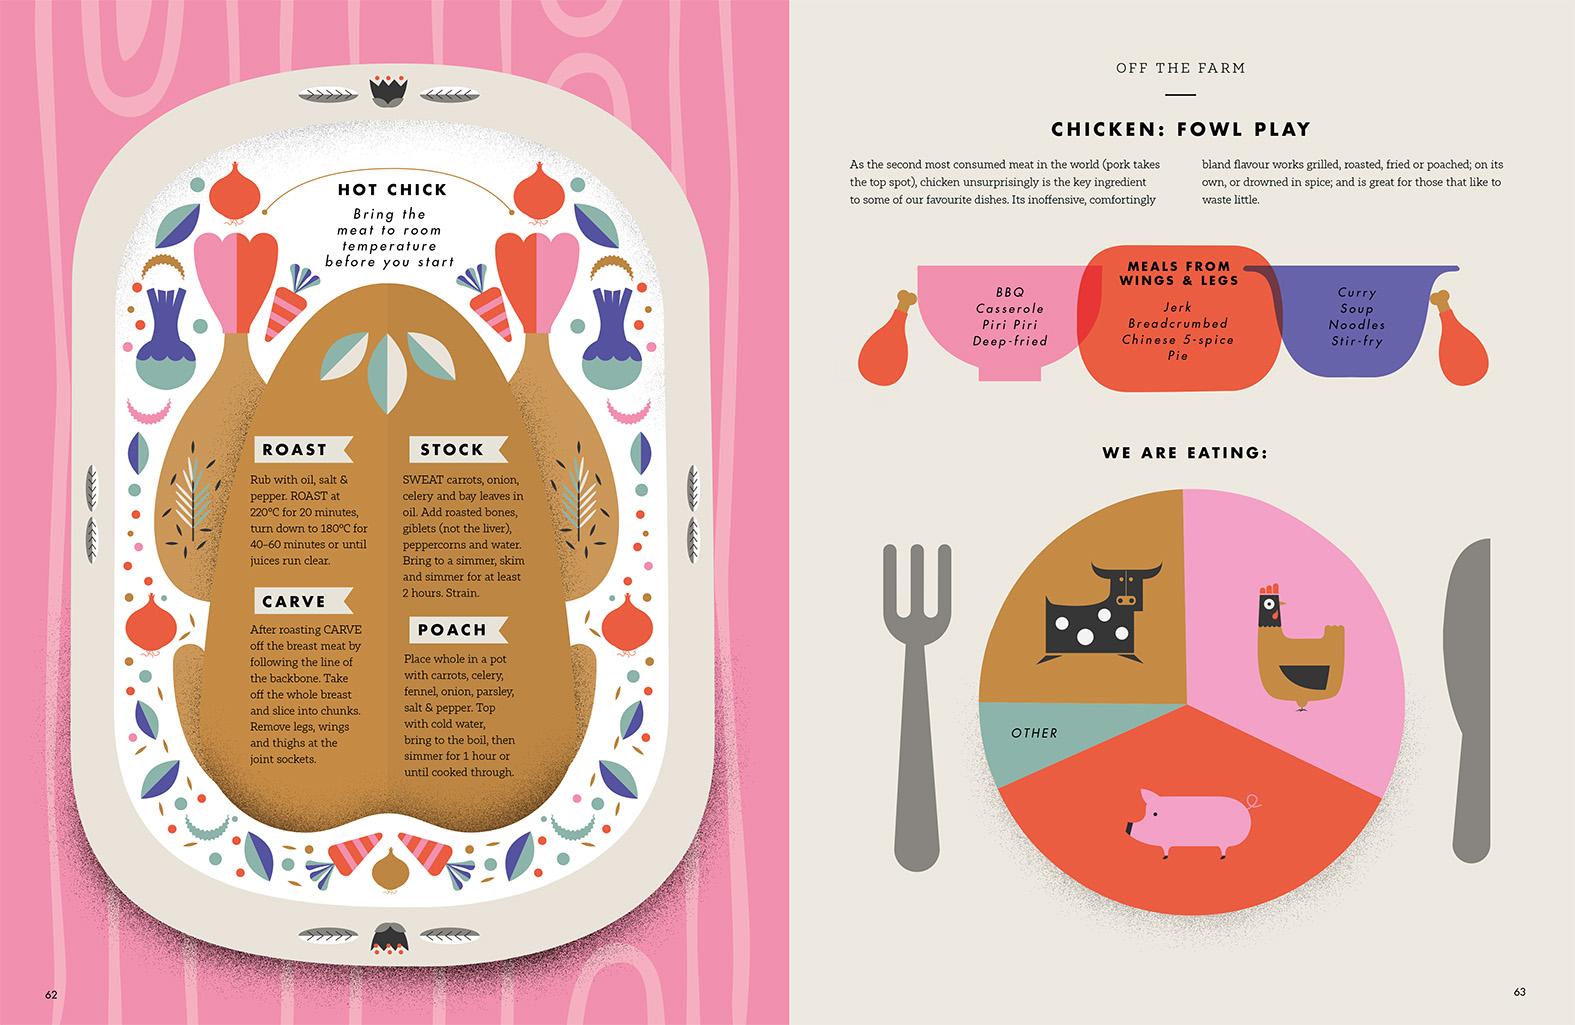 Taste Book + Chicken